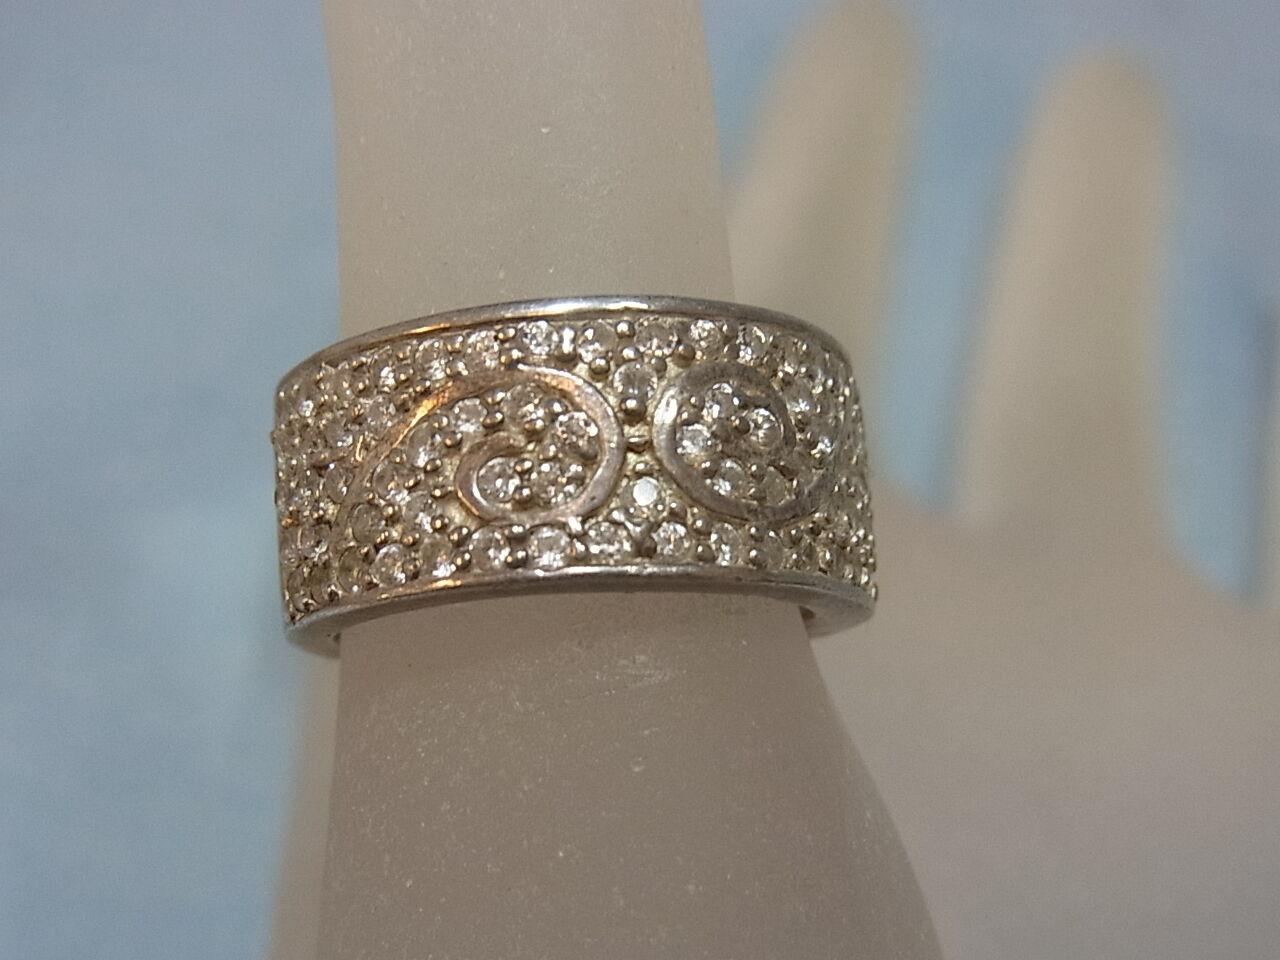 925er silver ring mit Zirkon Steinen Ringgr 54,5 breit 1,04 cm Gewicht 8,1 gramm